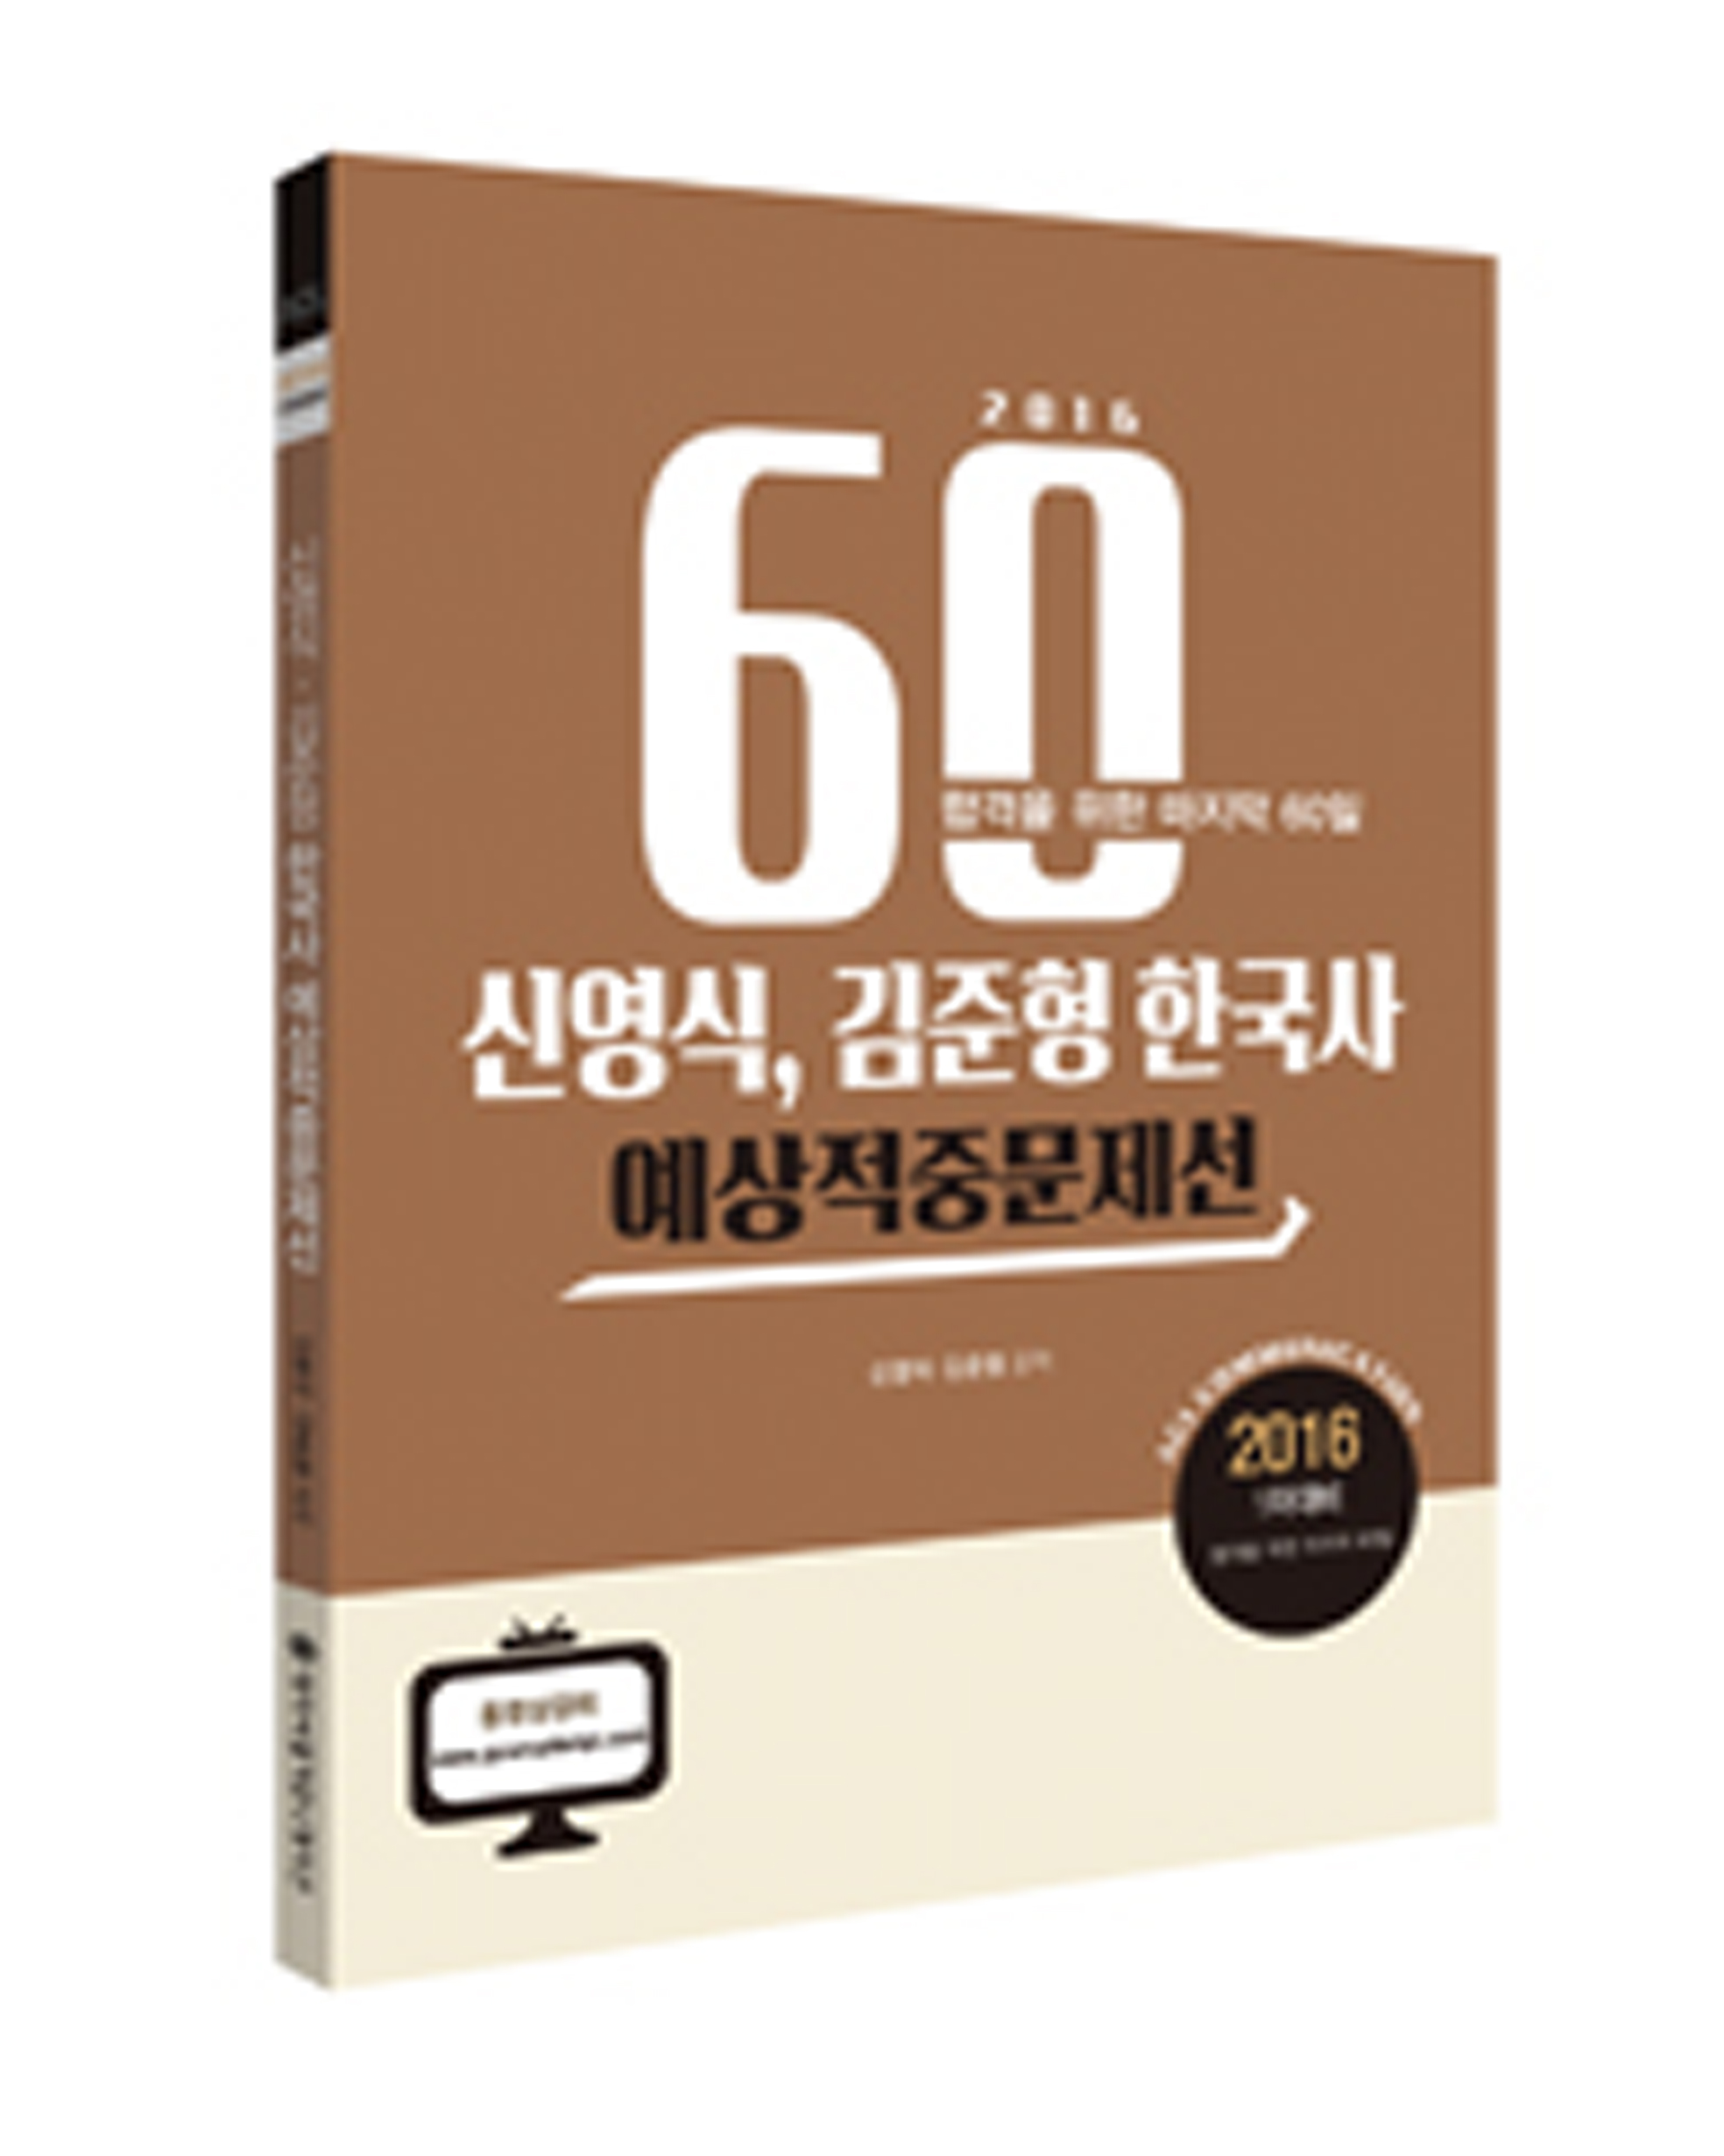 2016 1차 신영식 김준형 한국사 예상적중문제선